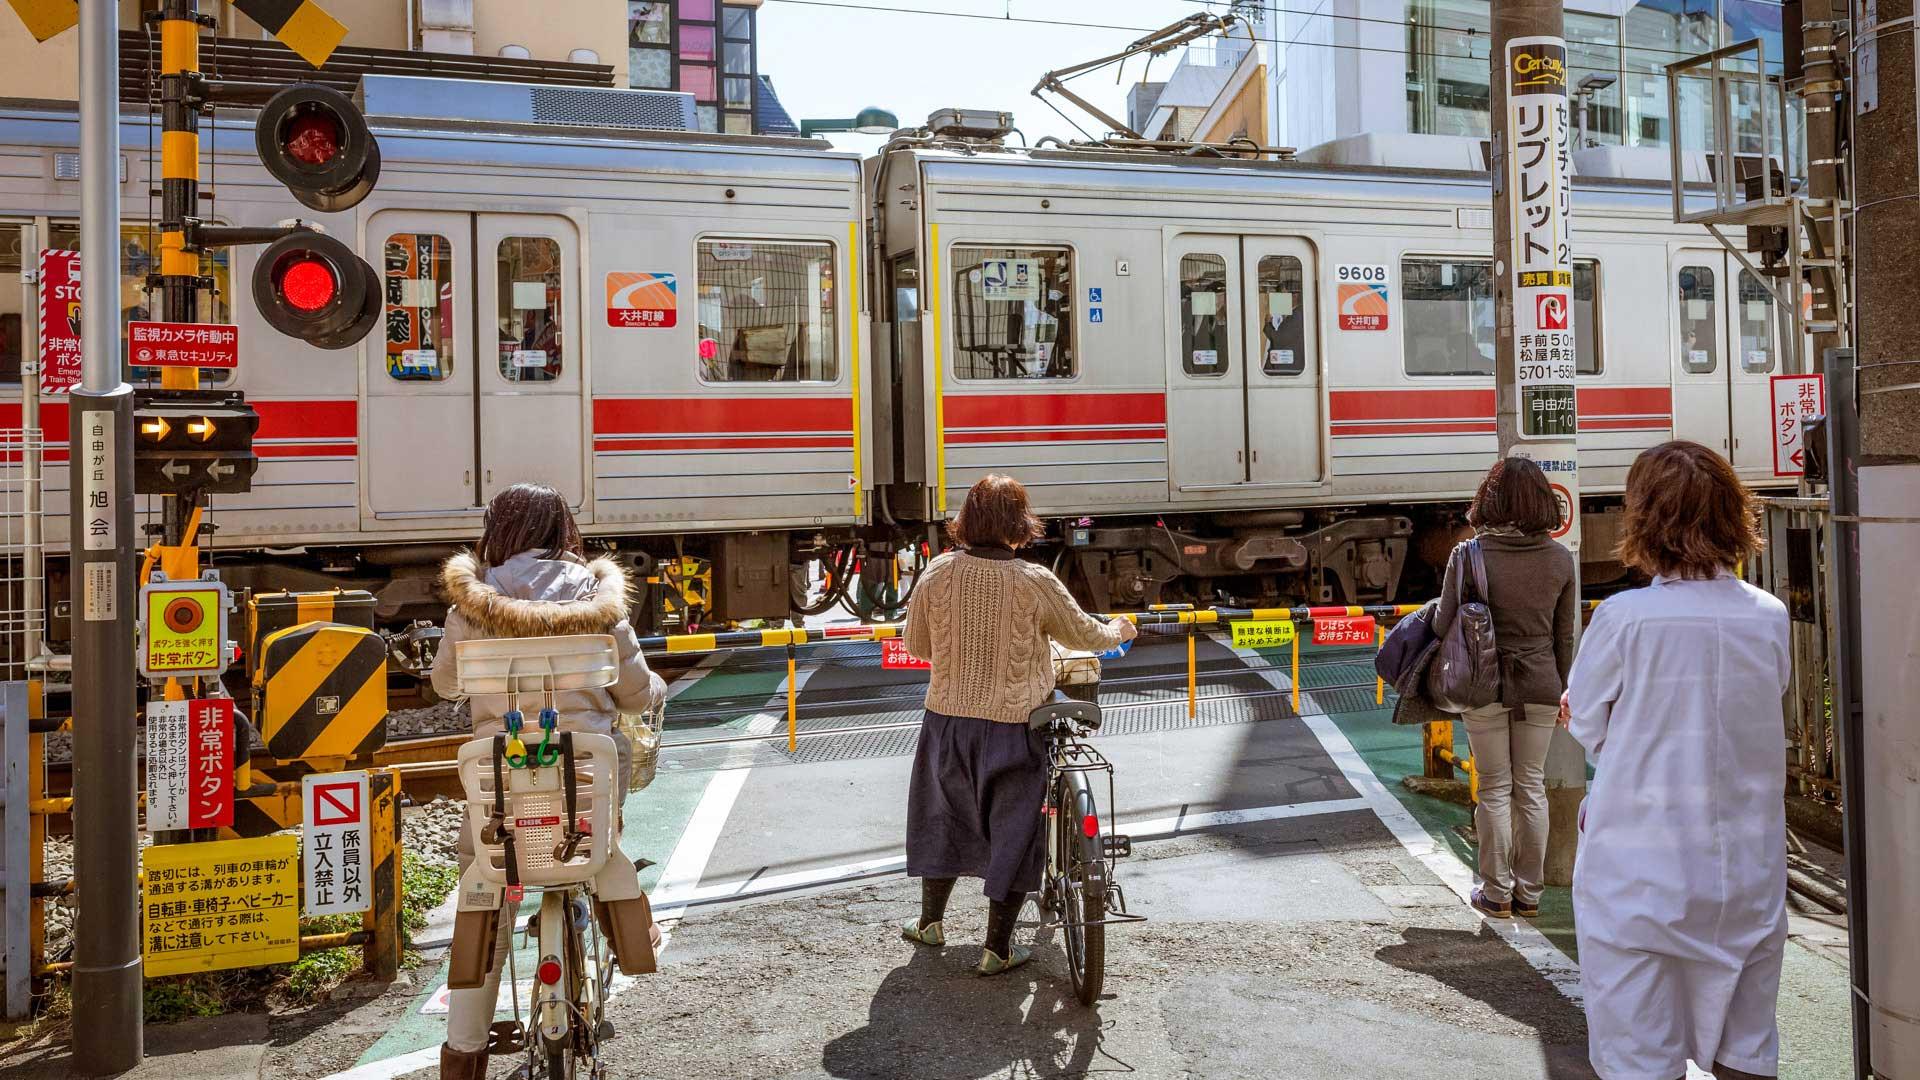 tokyo-meguro-district